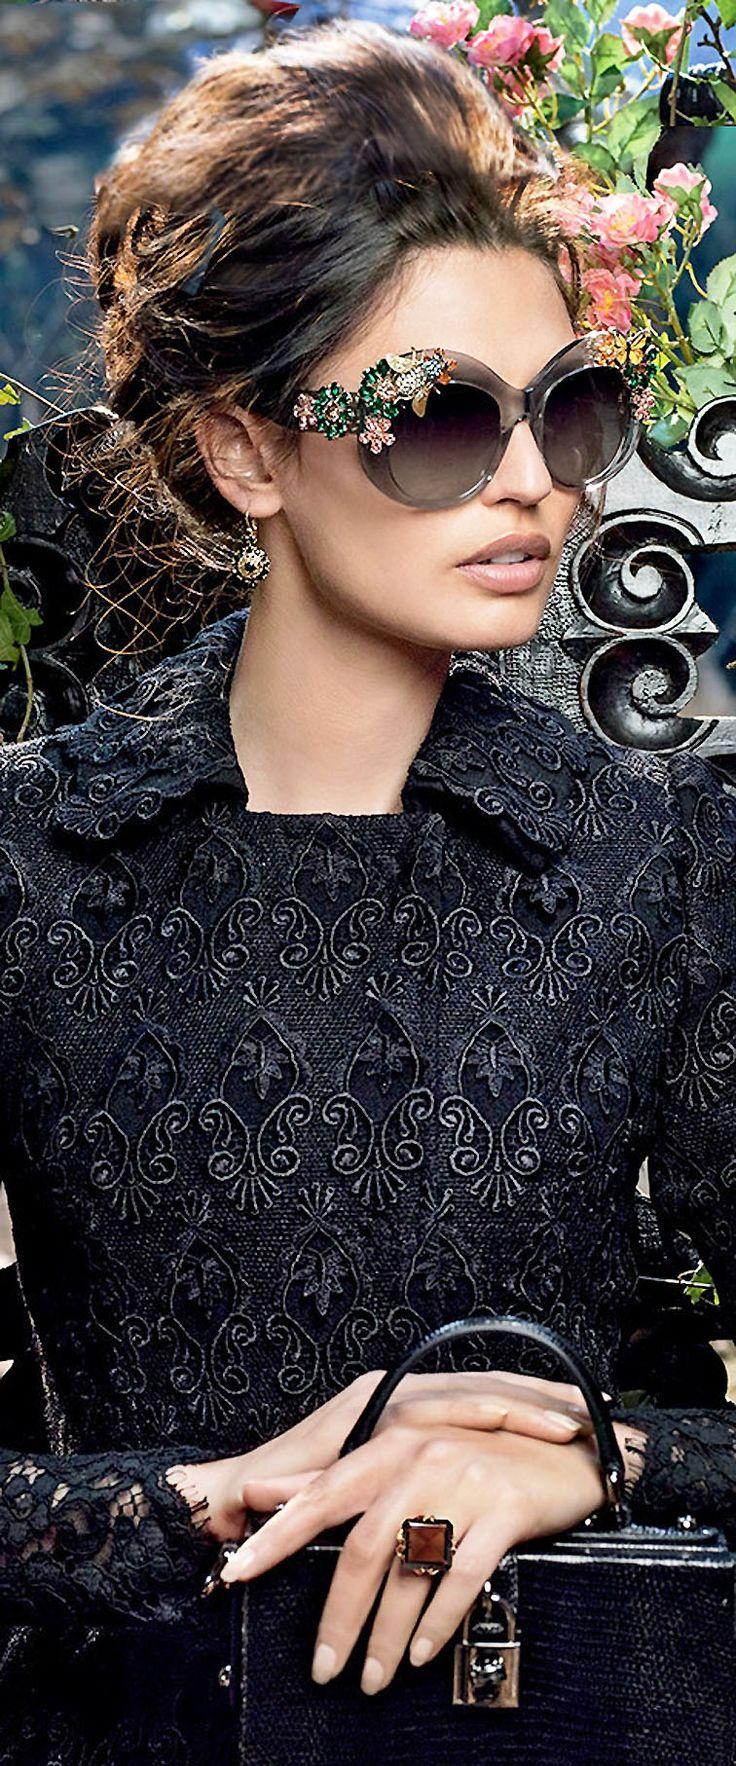 Dolce Gabbana adv sunglasses campaign winter 2015